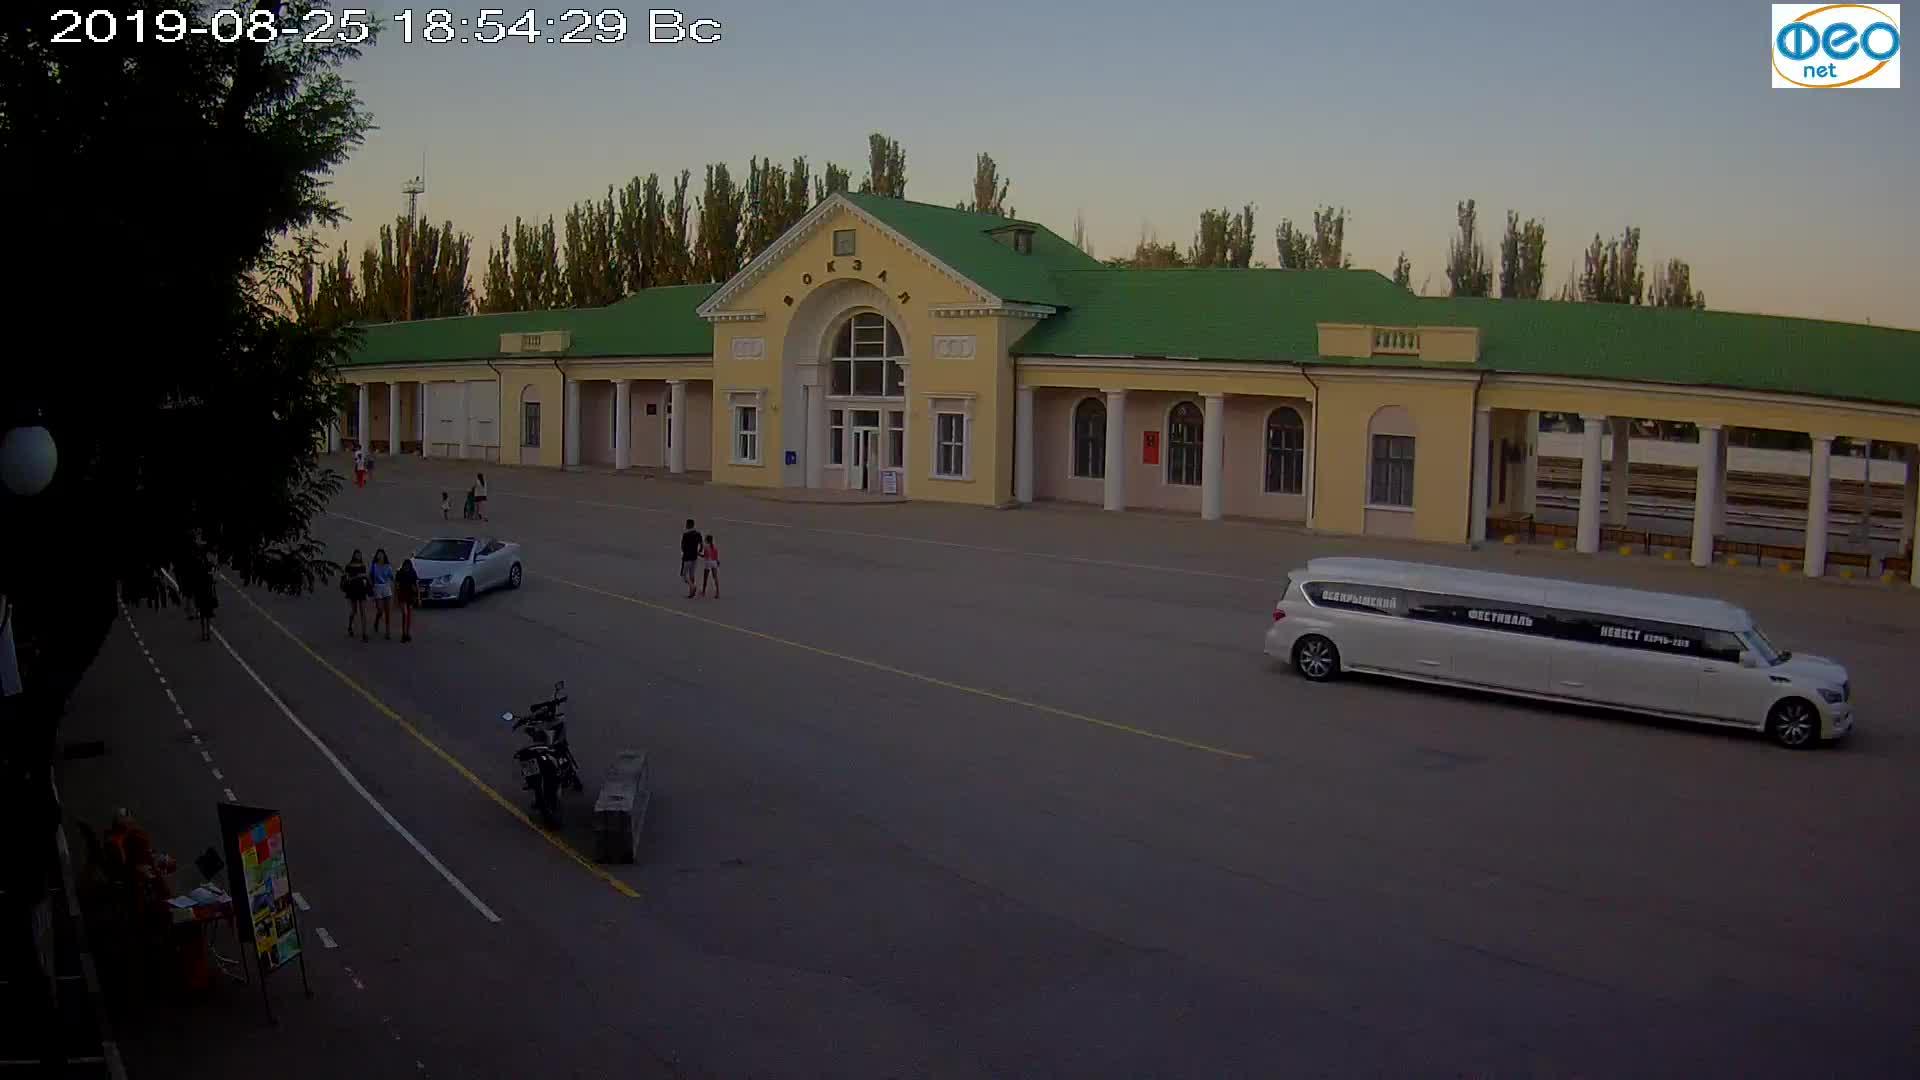 Веб-камеры Феодосии, Привокзальная площадь, 2019-08-25 19:10:05